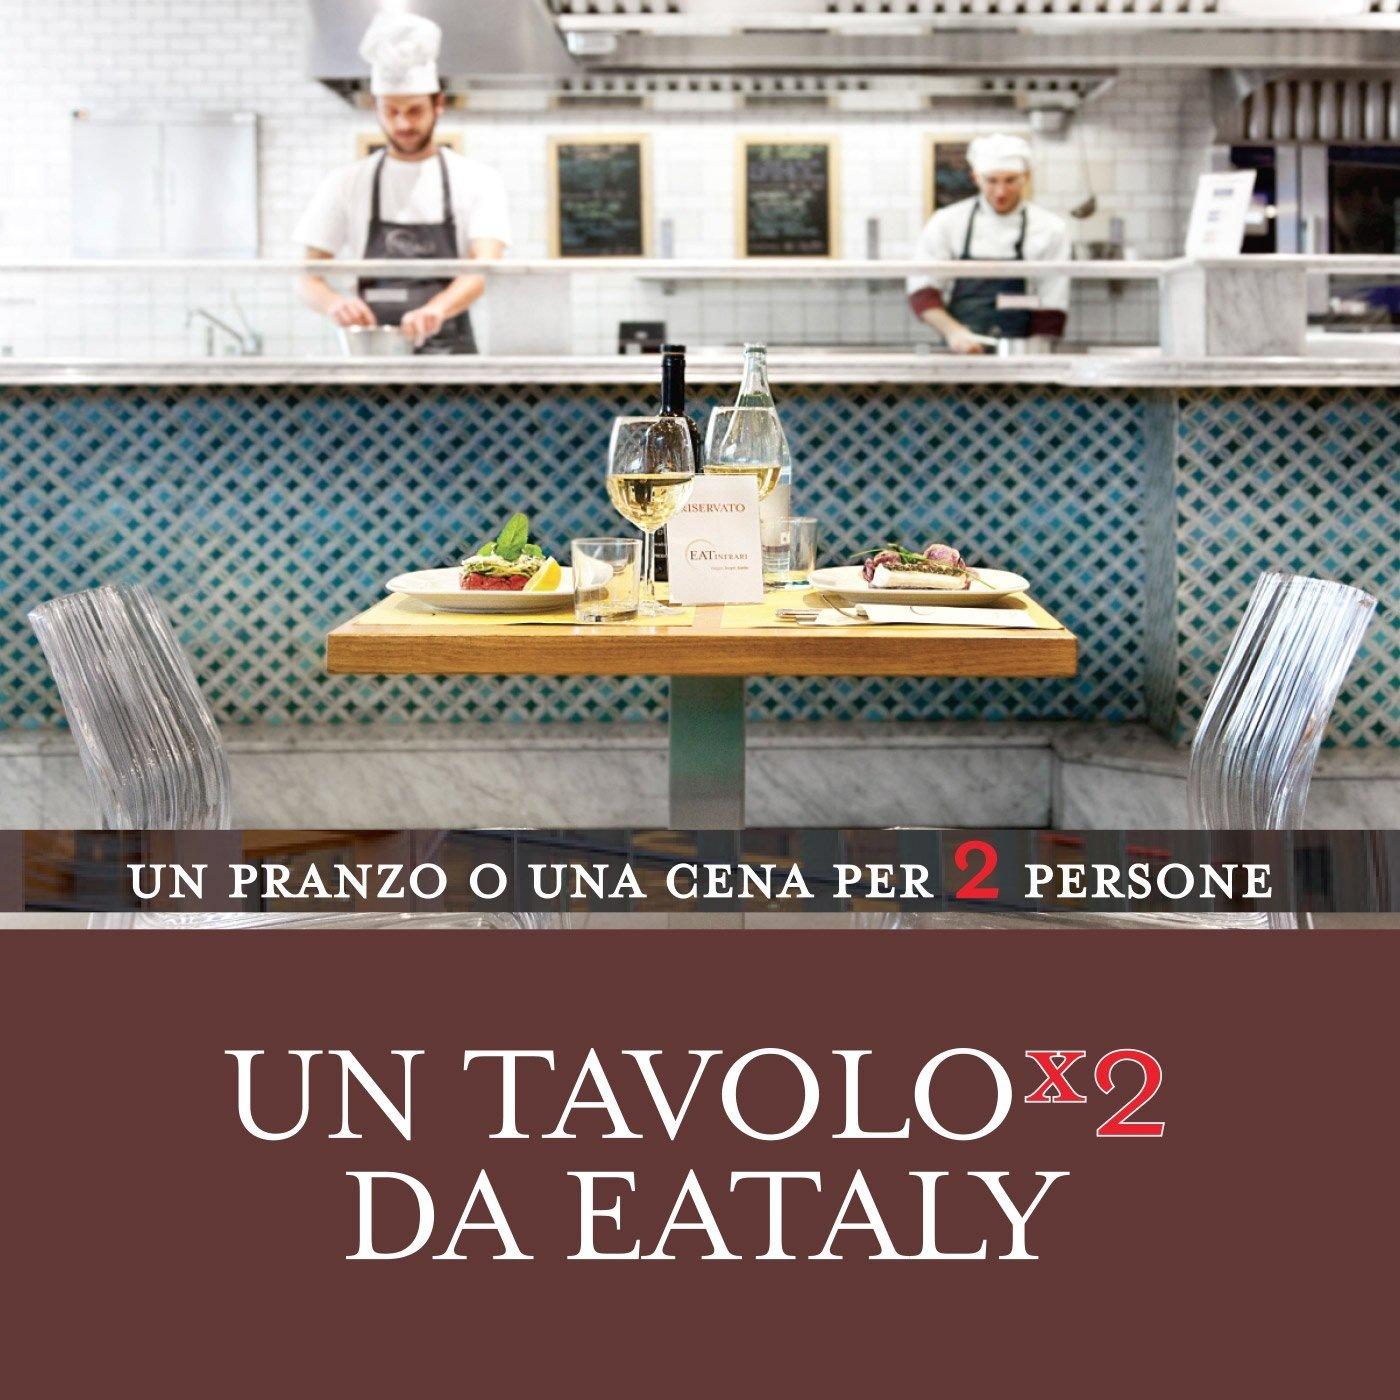 Un tavolo x2 da Eataly